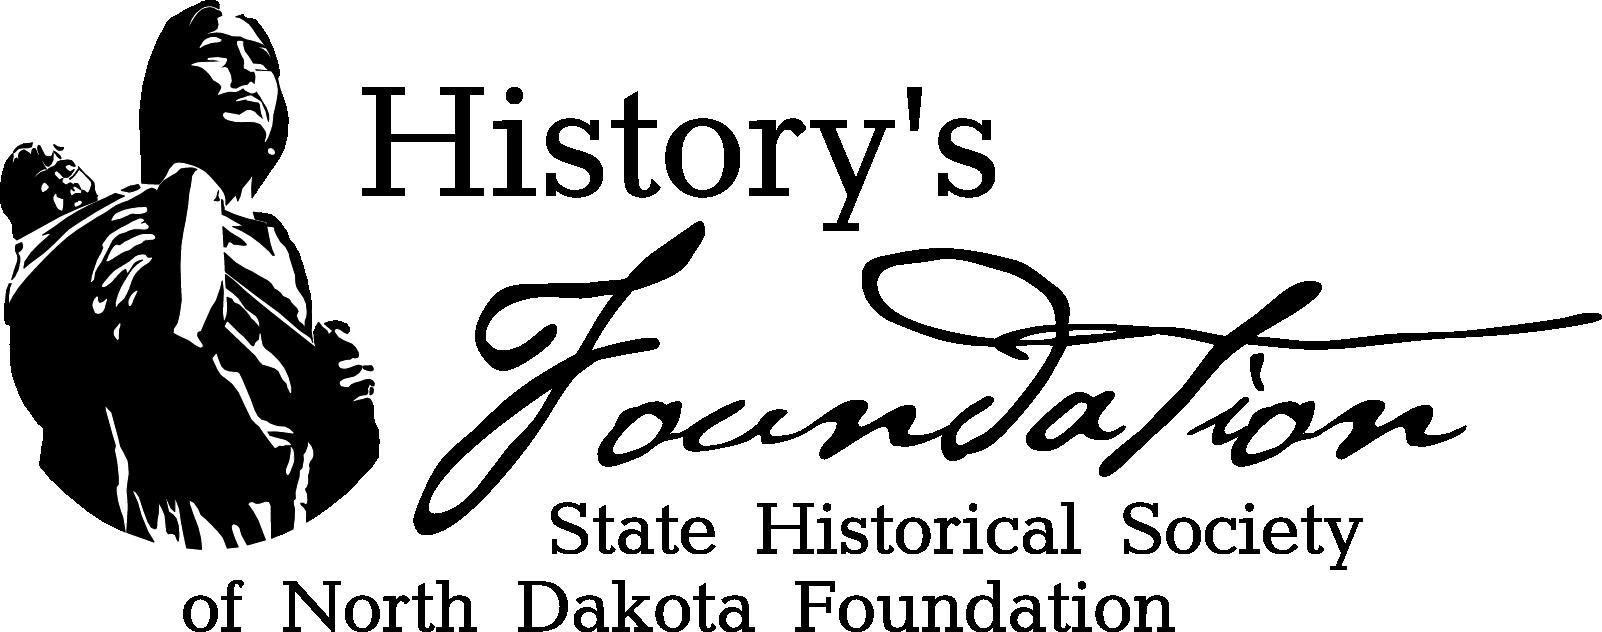 State Historical Society of North Dakota Foundation logo